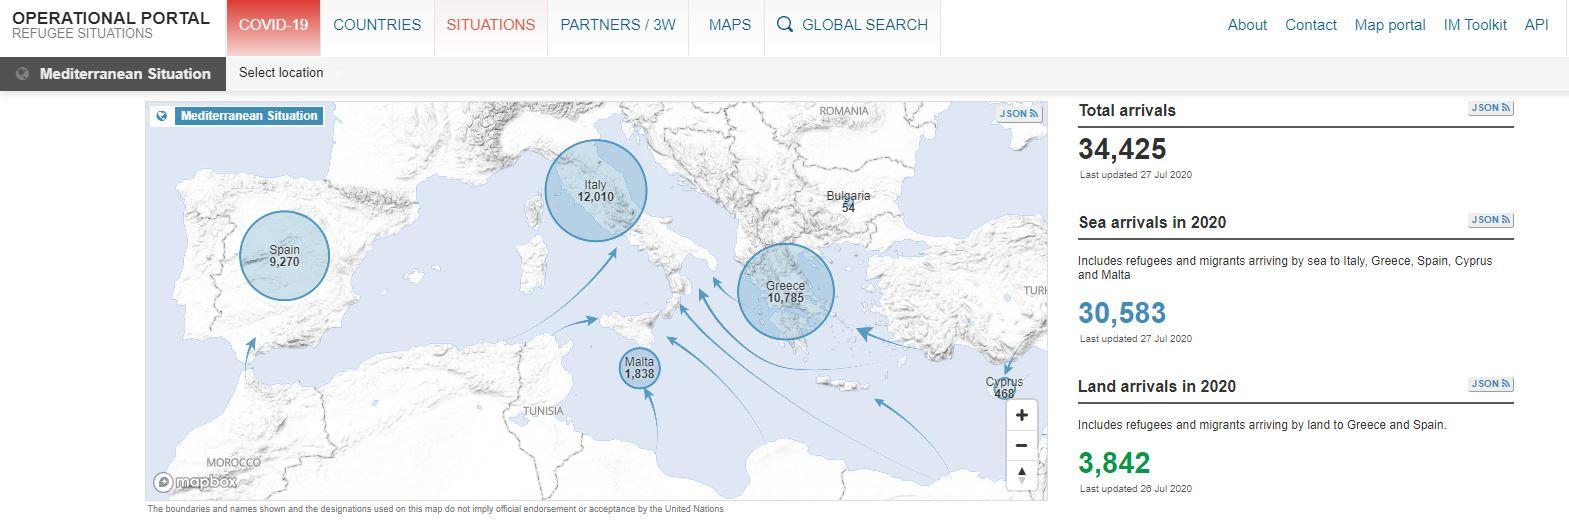 litalia supera la spagna per numero di migranti sbarcati nel 2020 tabella